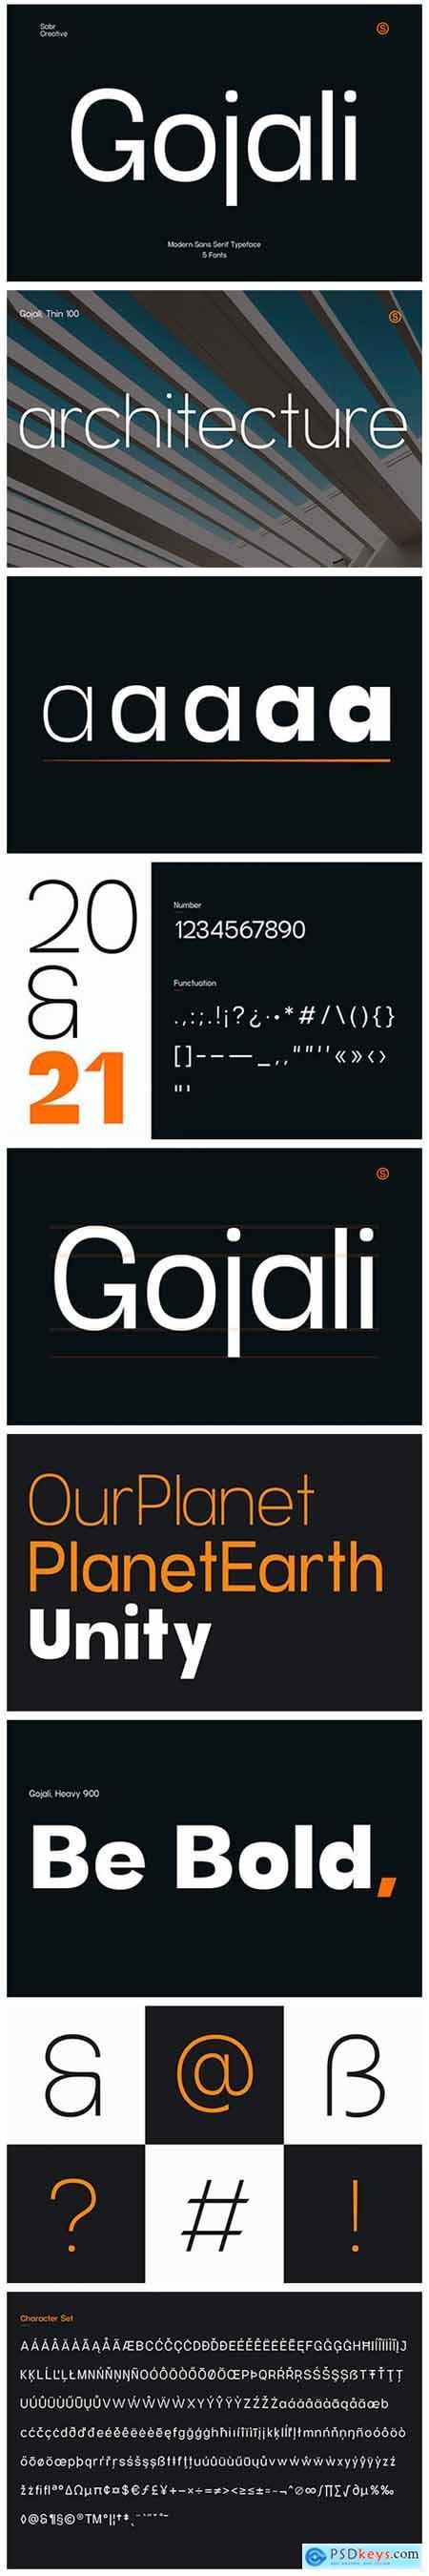 Gojali 5779121